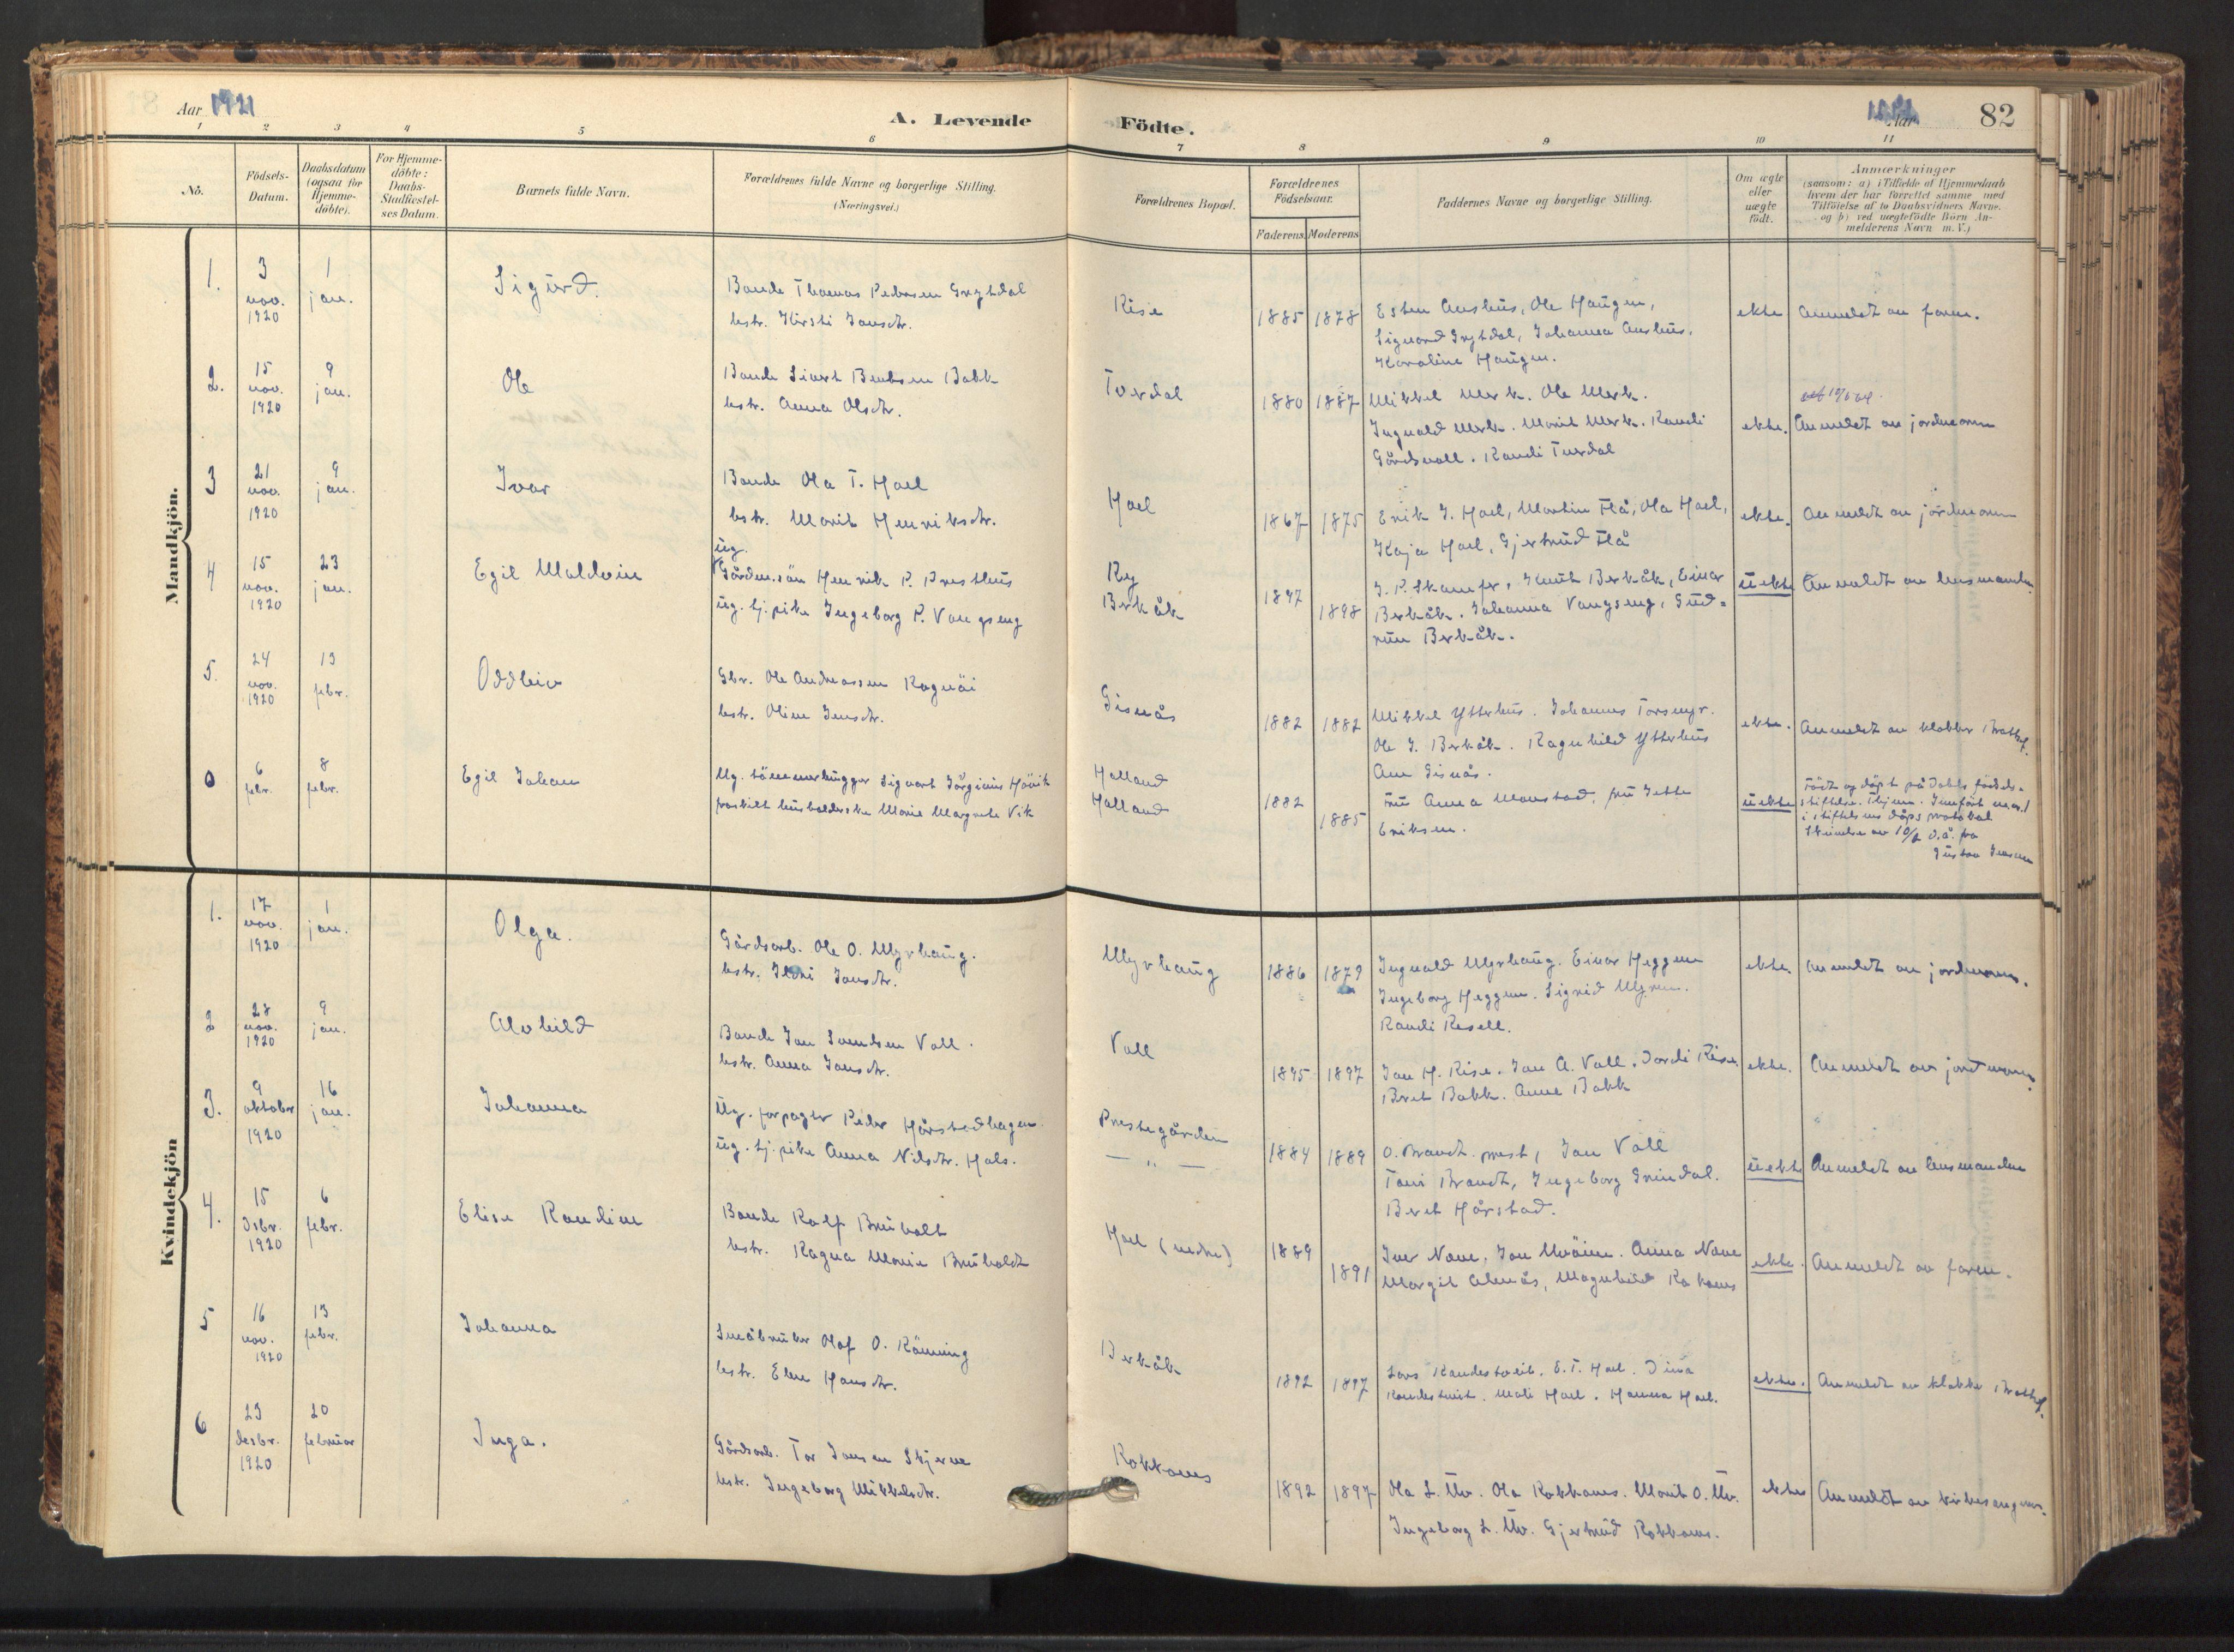 SAT, Ministerialprotokoller, klokkerbøker og fødselsregistre - Sør-Trøndelag, 674/L0873: Ministerialbok nr. 674A05, 1908-1923, s. 82